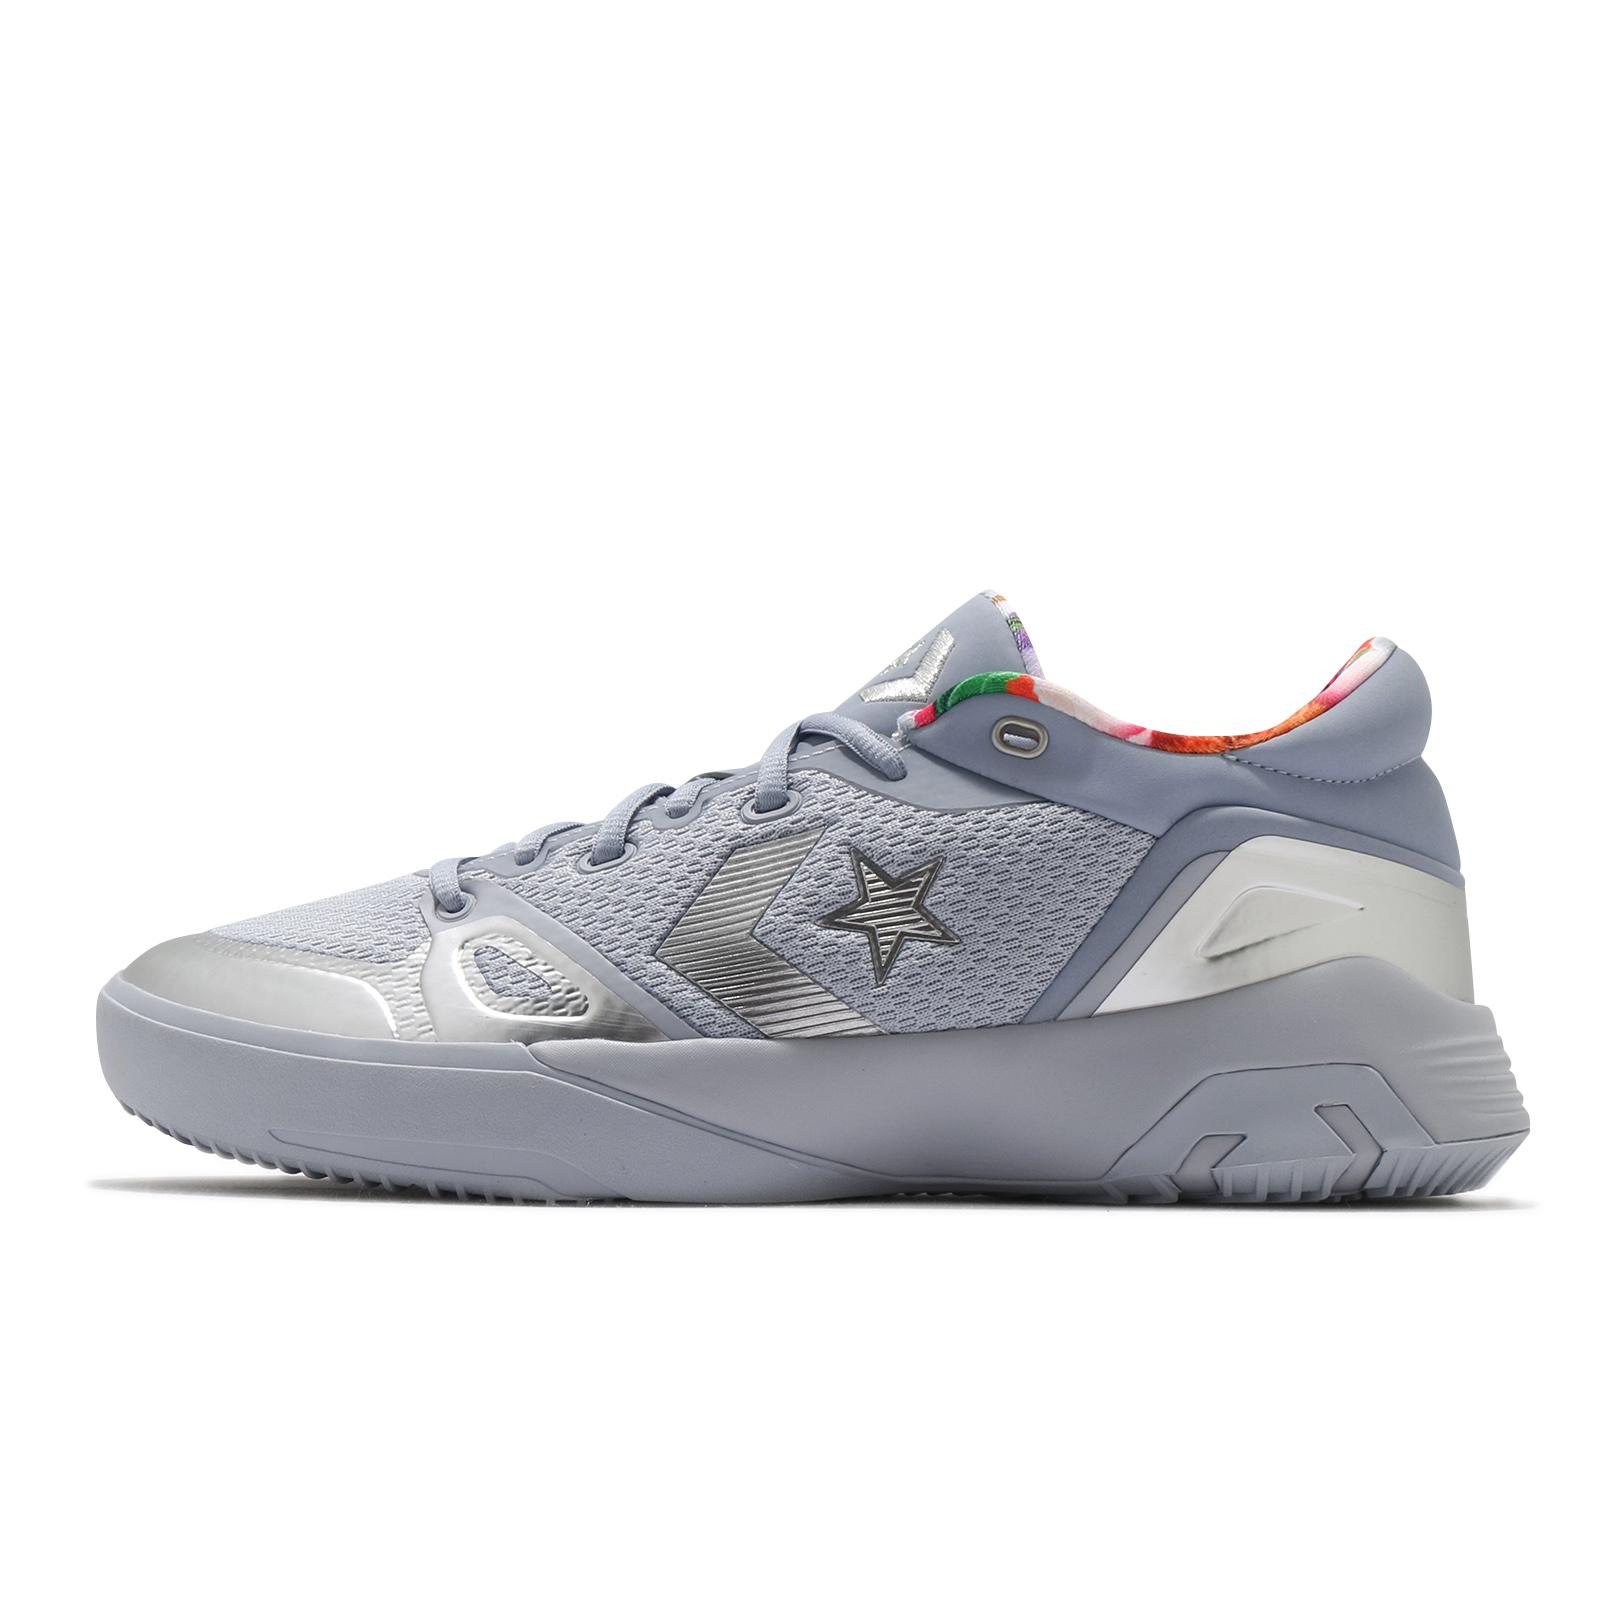 Converse 籃球鞋 G4 Low PARIS 銀 彩色 男鞋 React 低筒 城市限定【ACS】 170298C